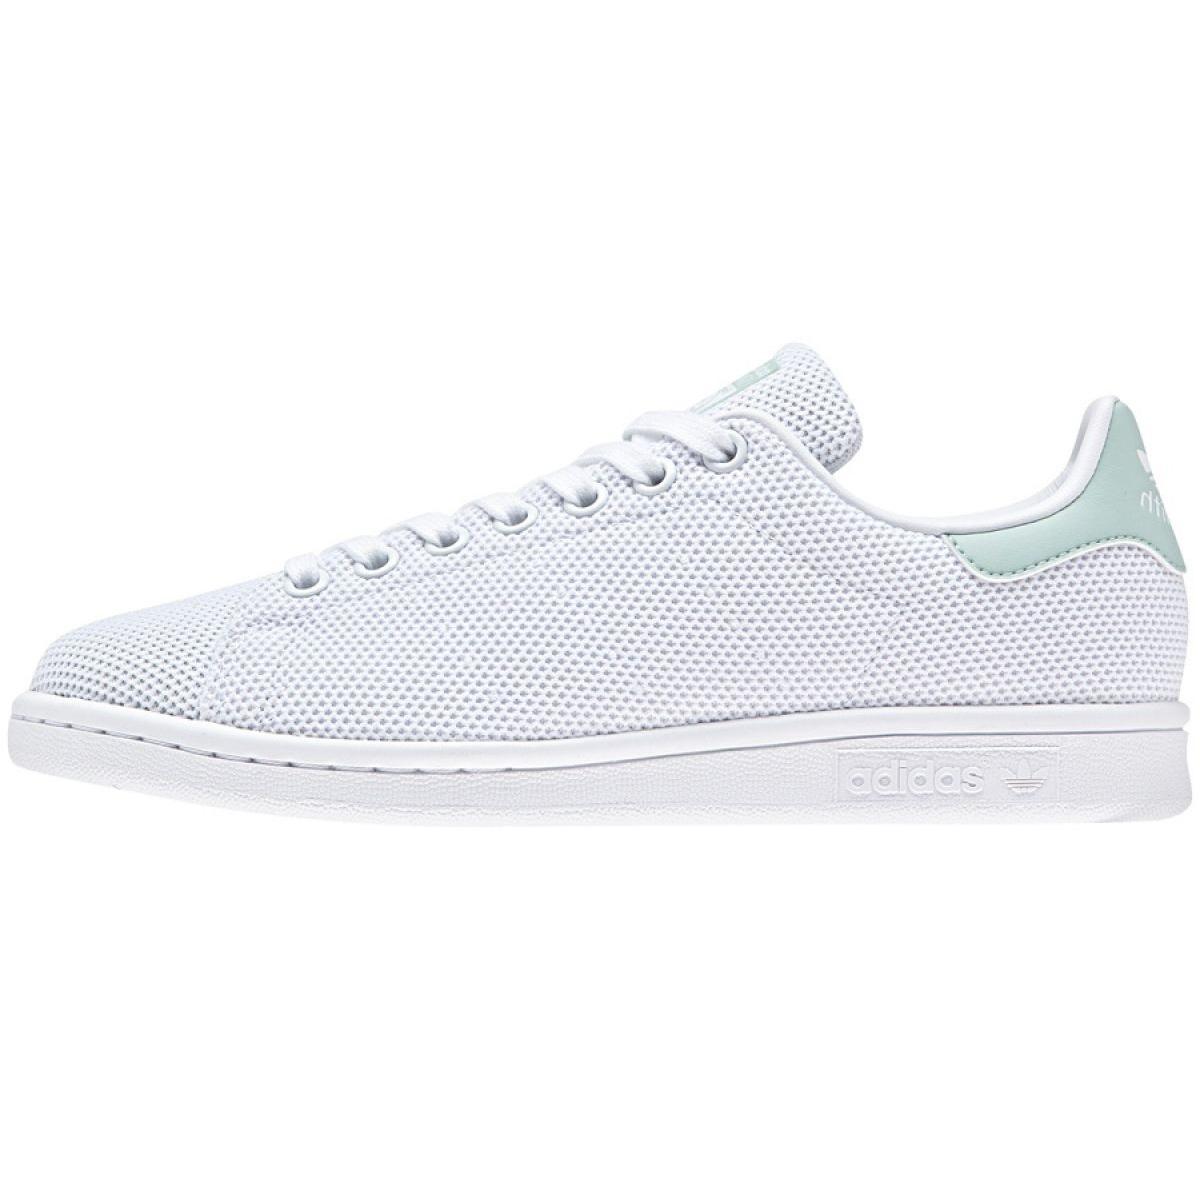 Smith Cq2822 Schuhe Adidas In Originals Stan Weiß LzGqUMpSV